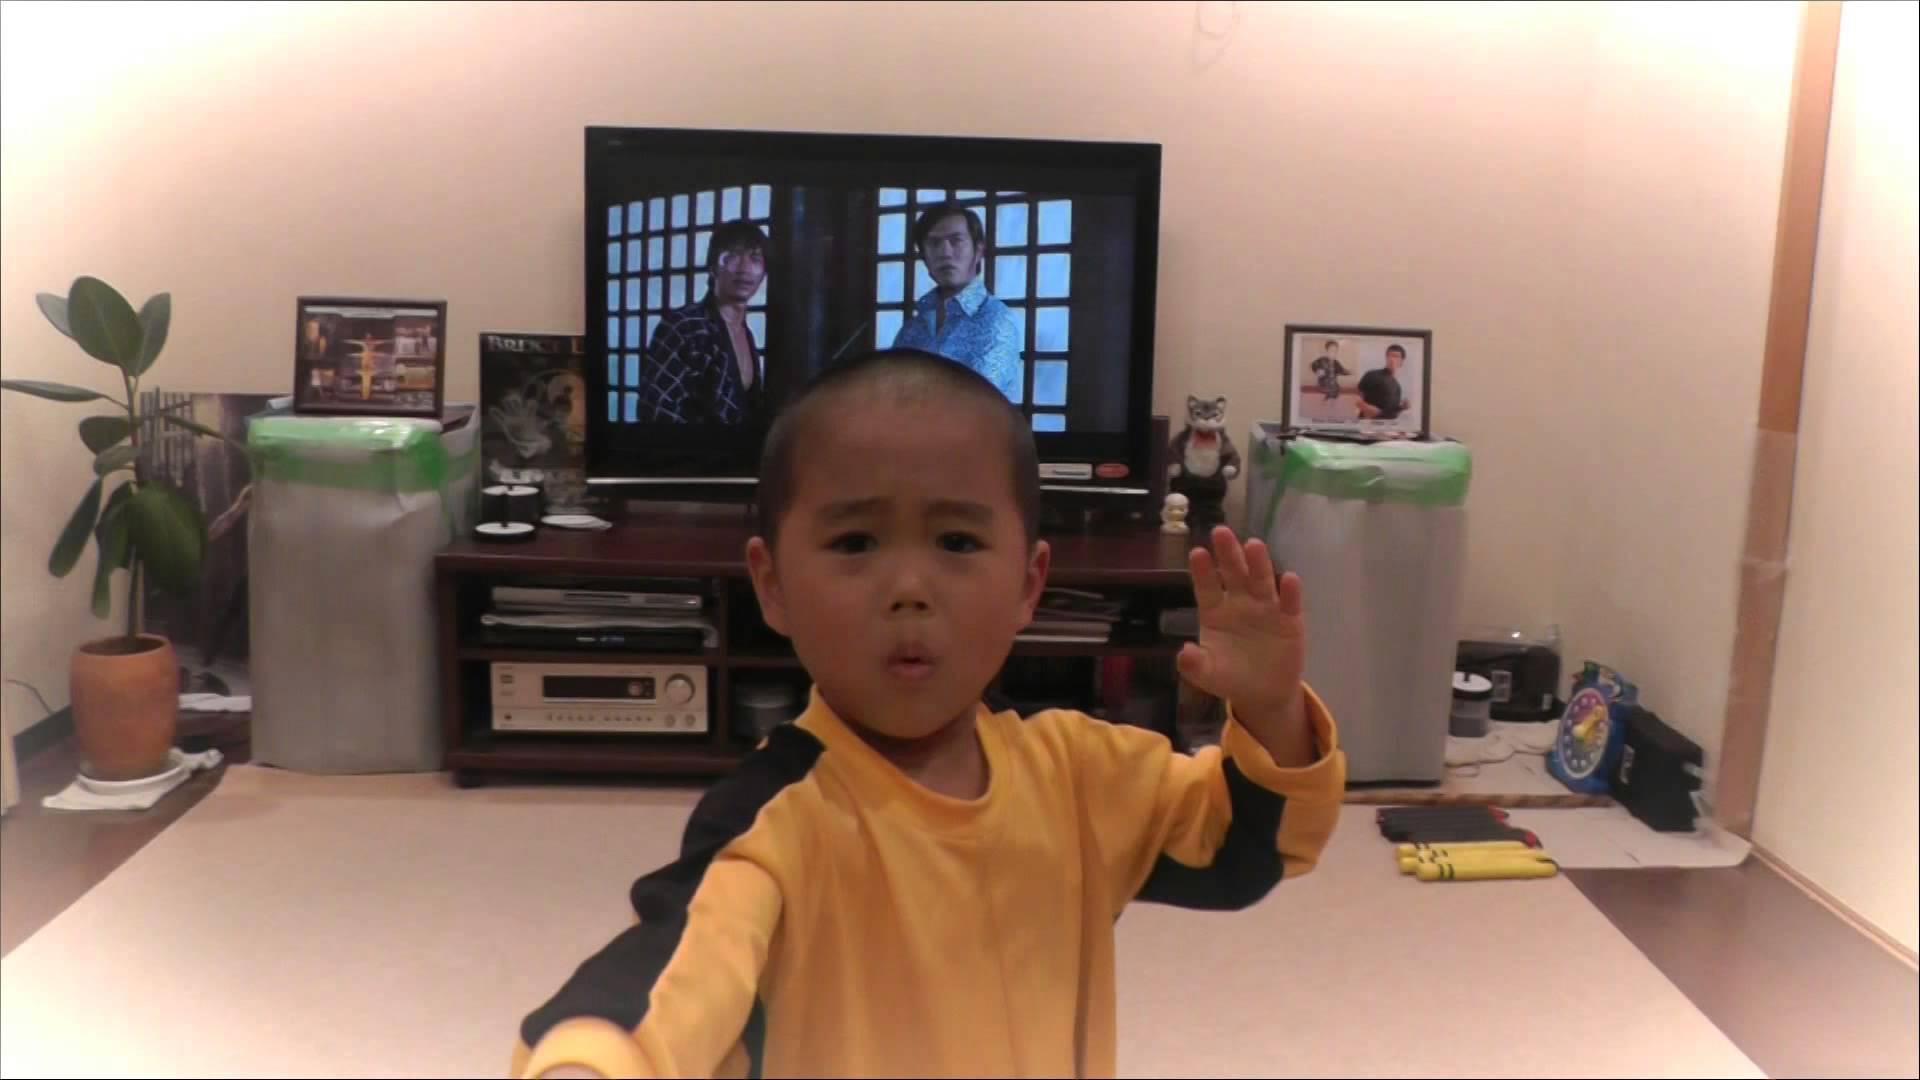 Důkaz reinkarnace? Pětiletý chlapec jako Bruce Lee!